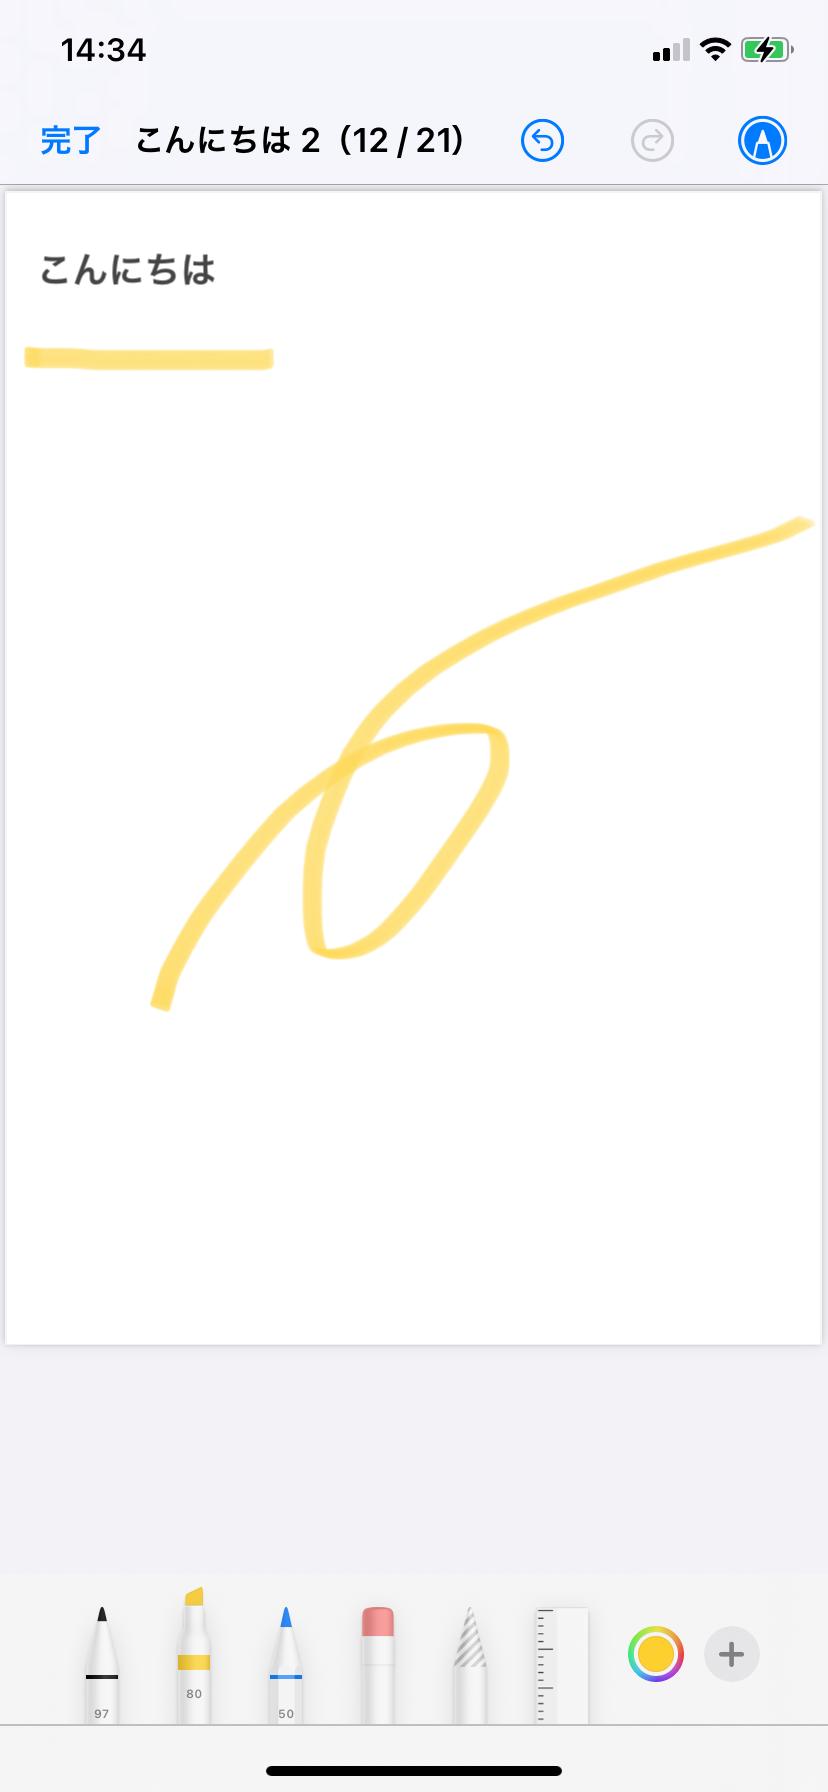 【メモを変換】iPhoneのメモをPDF・画像に変換して保存する方法